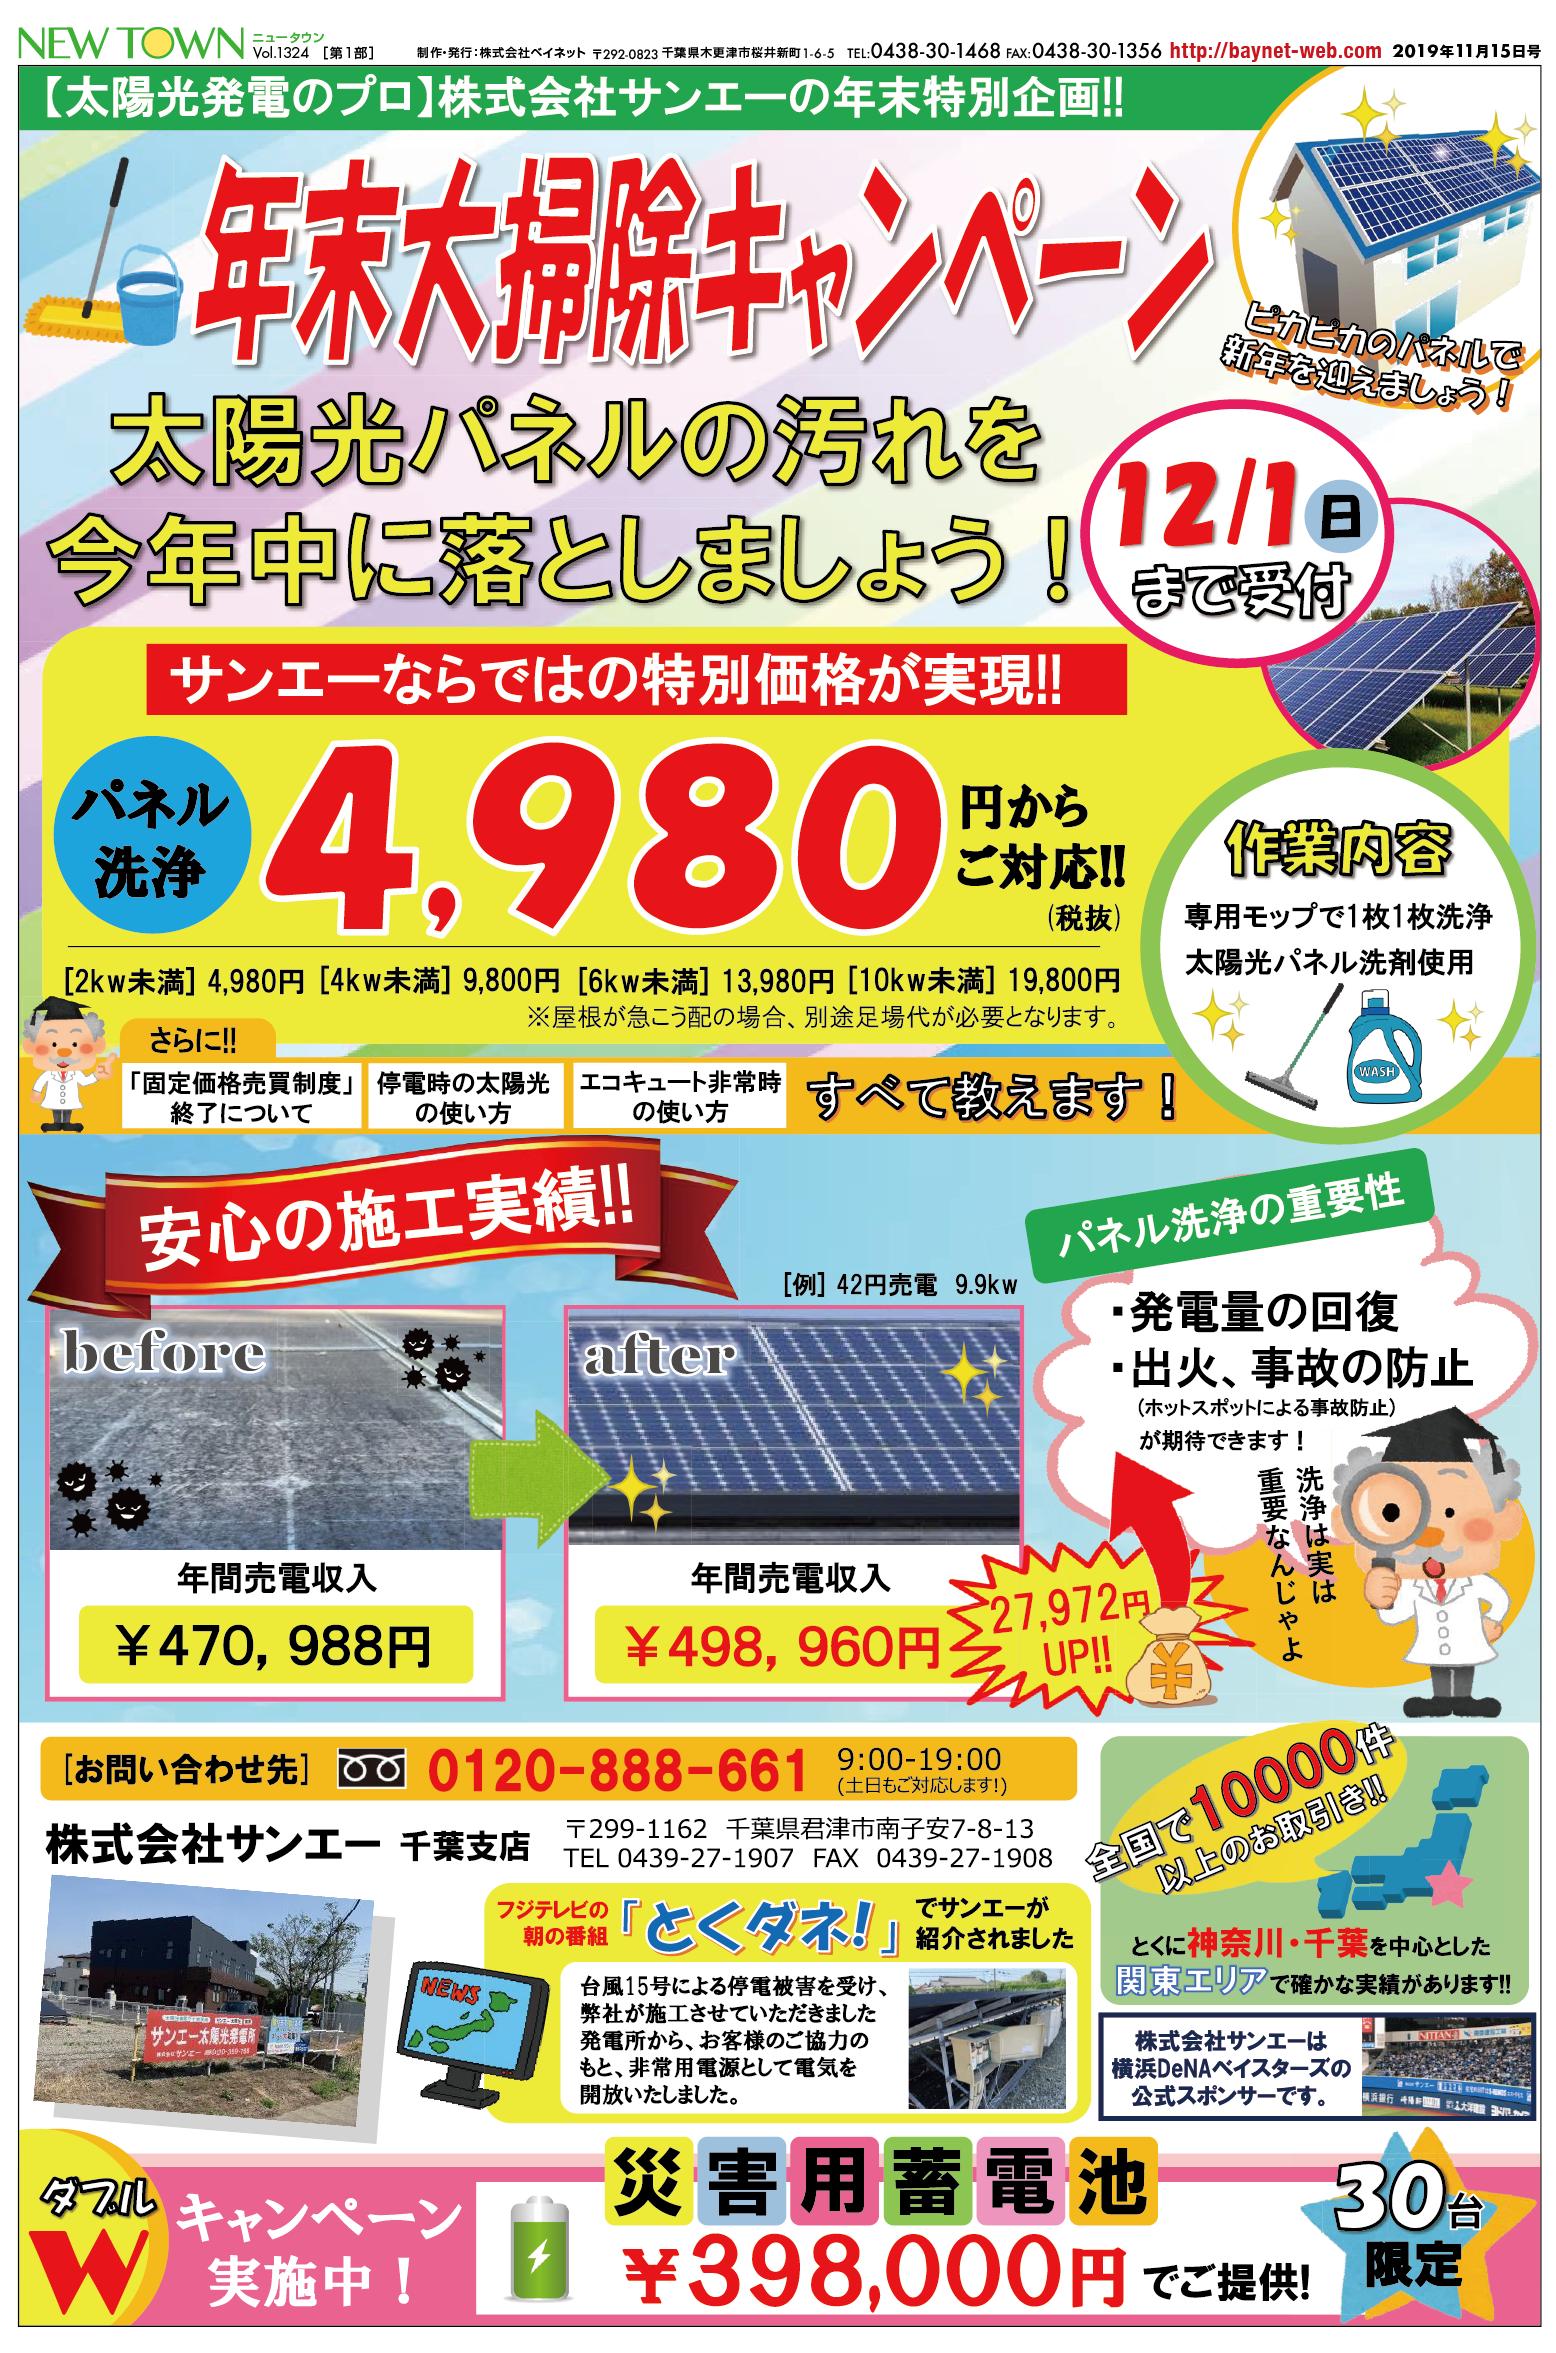 太陽光発電のプロ サンエー株式会社